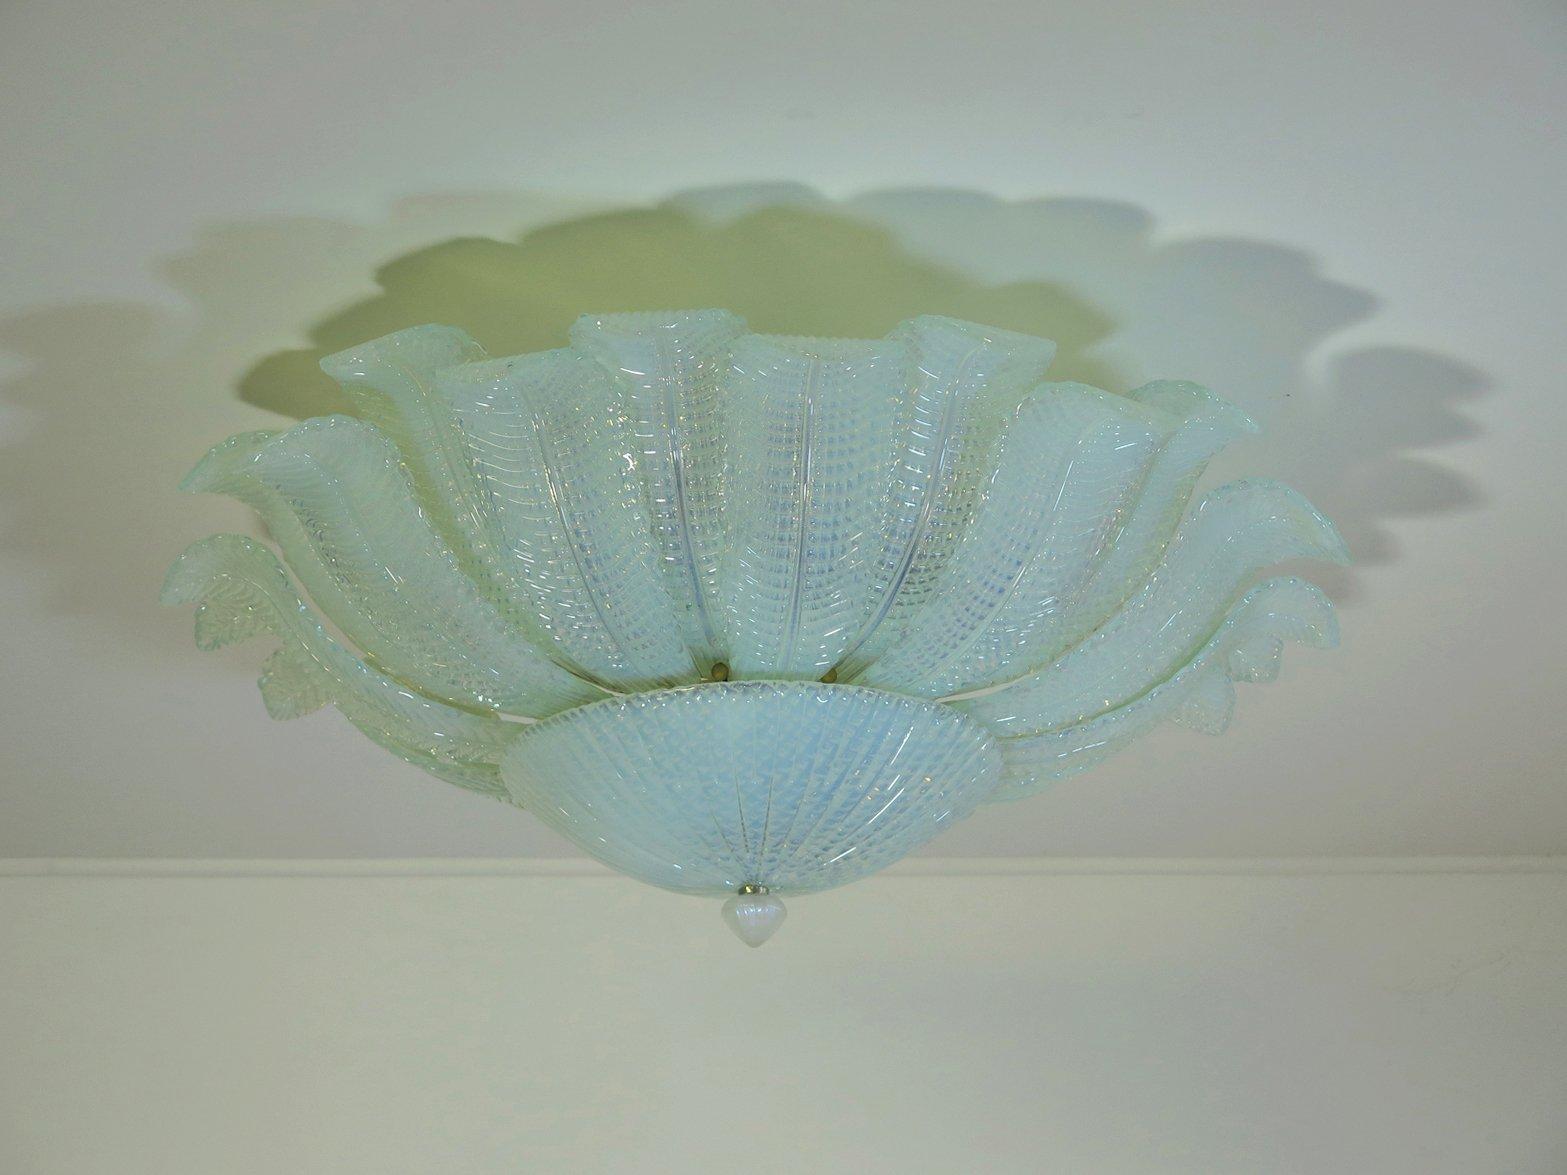 Deckenlampe aus Opal- & Muranoglas in Blumen-Optik von Mazzega, 1982